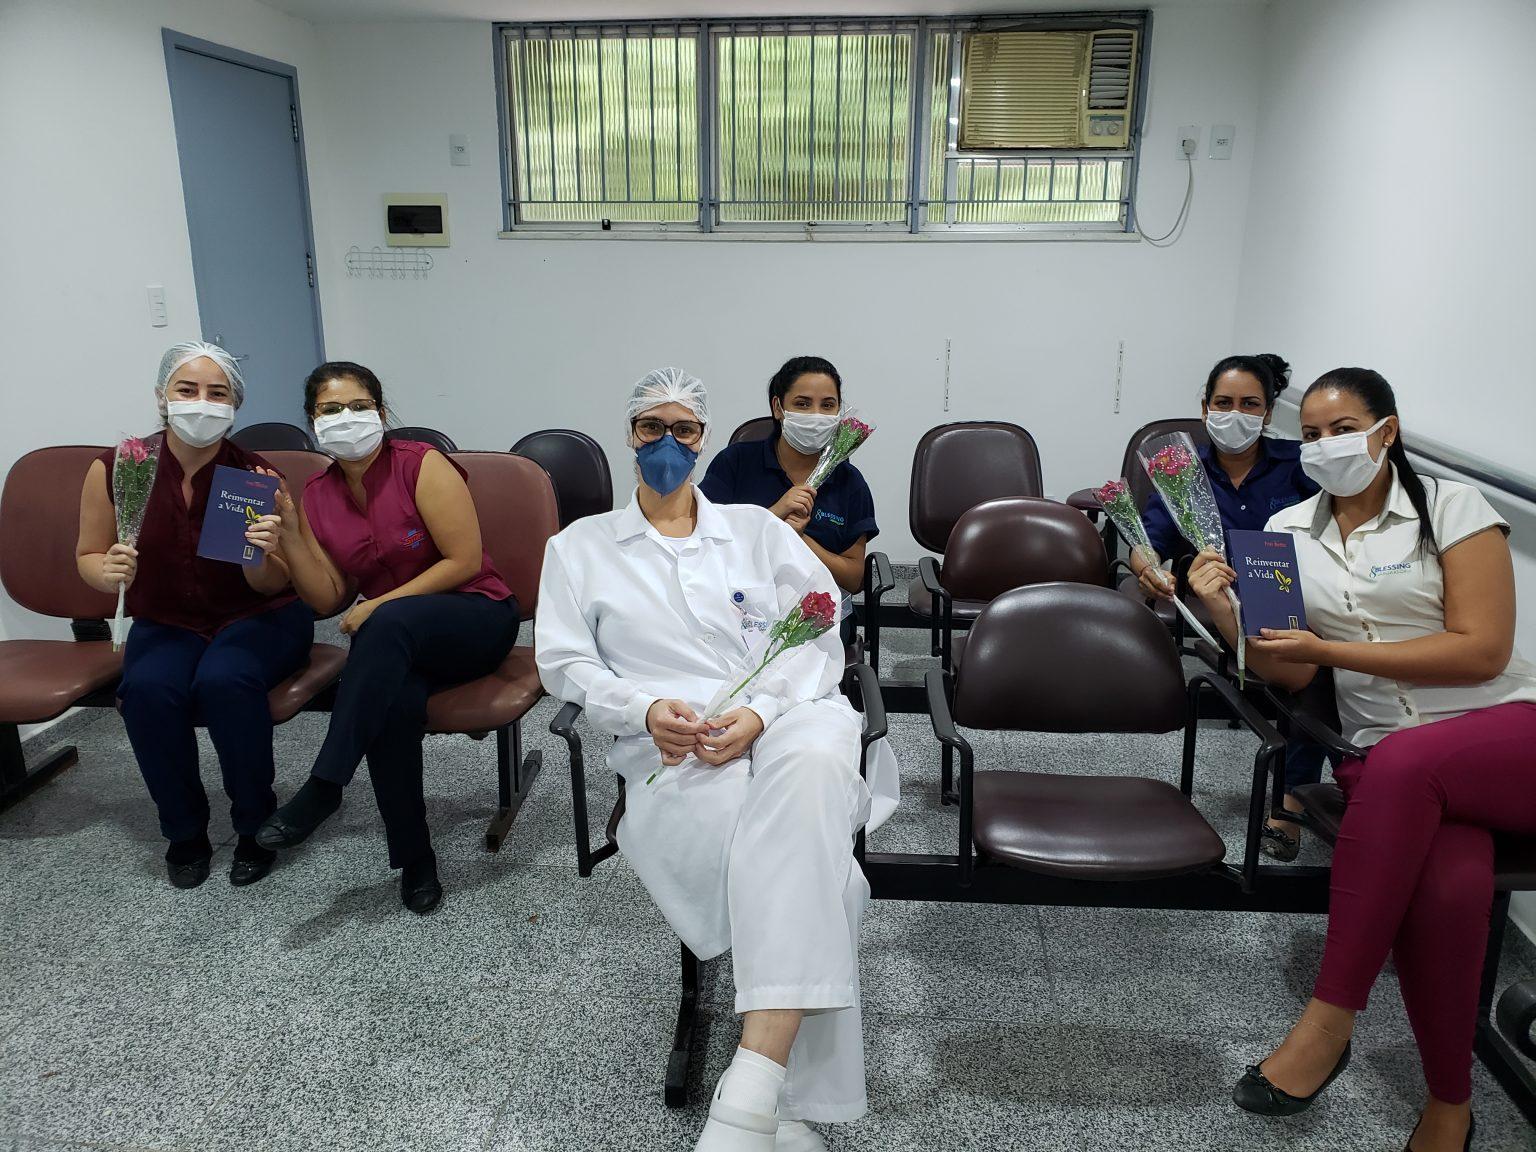 pandemia 8